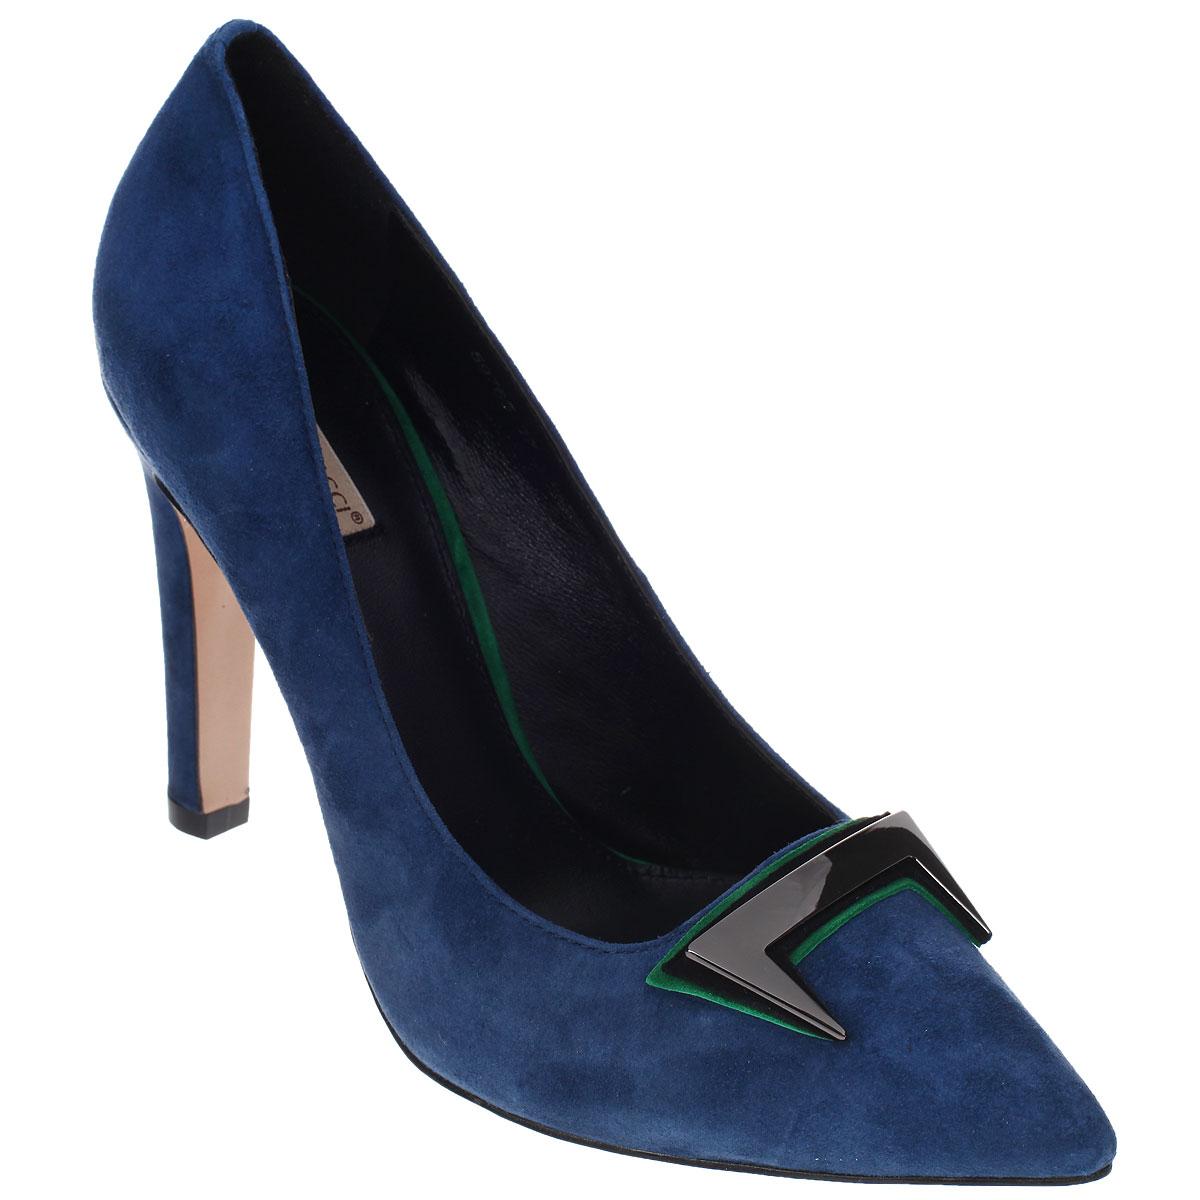 Туфли женские. 597659767Необычные женские туфли Vitacci эффектно дополнят ваш модный образ. Модель изготовлена из высококачественной натуральной замши. Мыс туфель оформлен тремя декоративными элементами оригинальной формы, расположенными один поверх другого. Два декоративных элемента выполнены из натуральной замши, один - из металла. Зауженный носок смотрится стильно. Стелька из натуральной кожи обеспечивает комфорт при ходьбе. Высокий каблук компенсирован скрытой платформой. Подошва и каблук дополнены противоскользящим рифлением. Модные туфли подчеркнут вашу яркую индивидуальность, позволят выделиться среди окружающих.